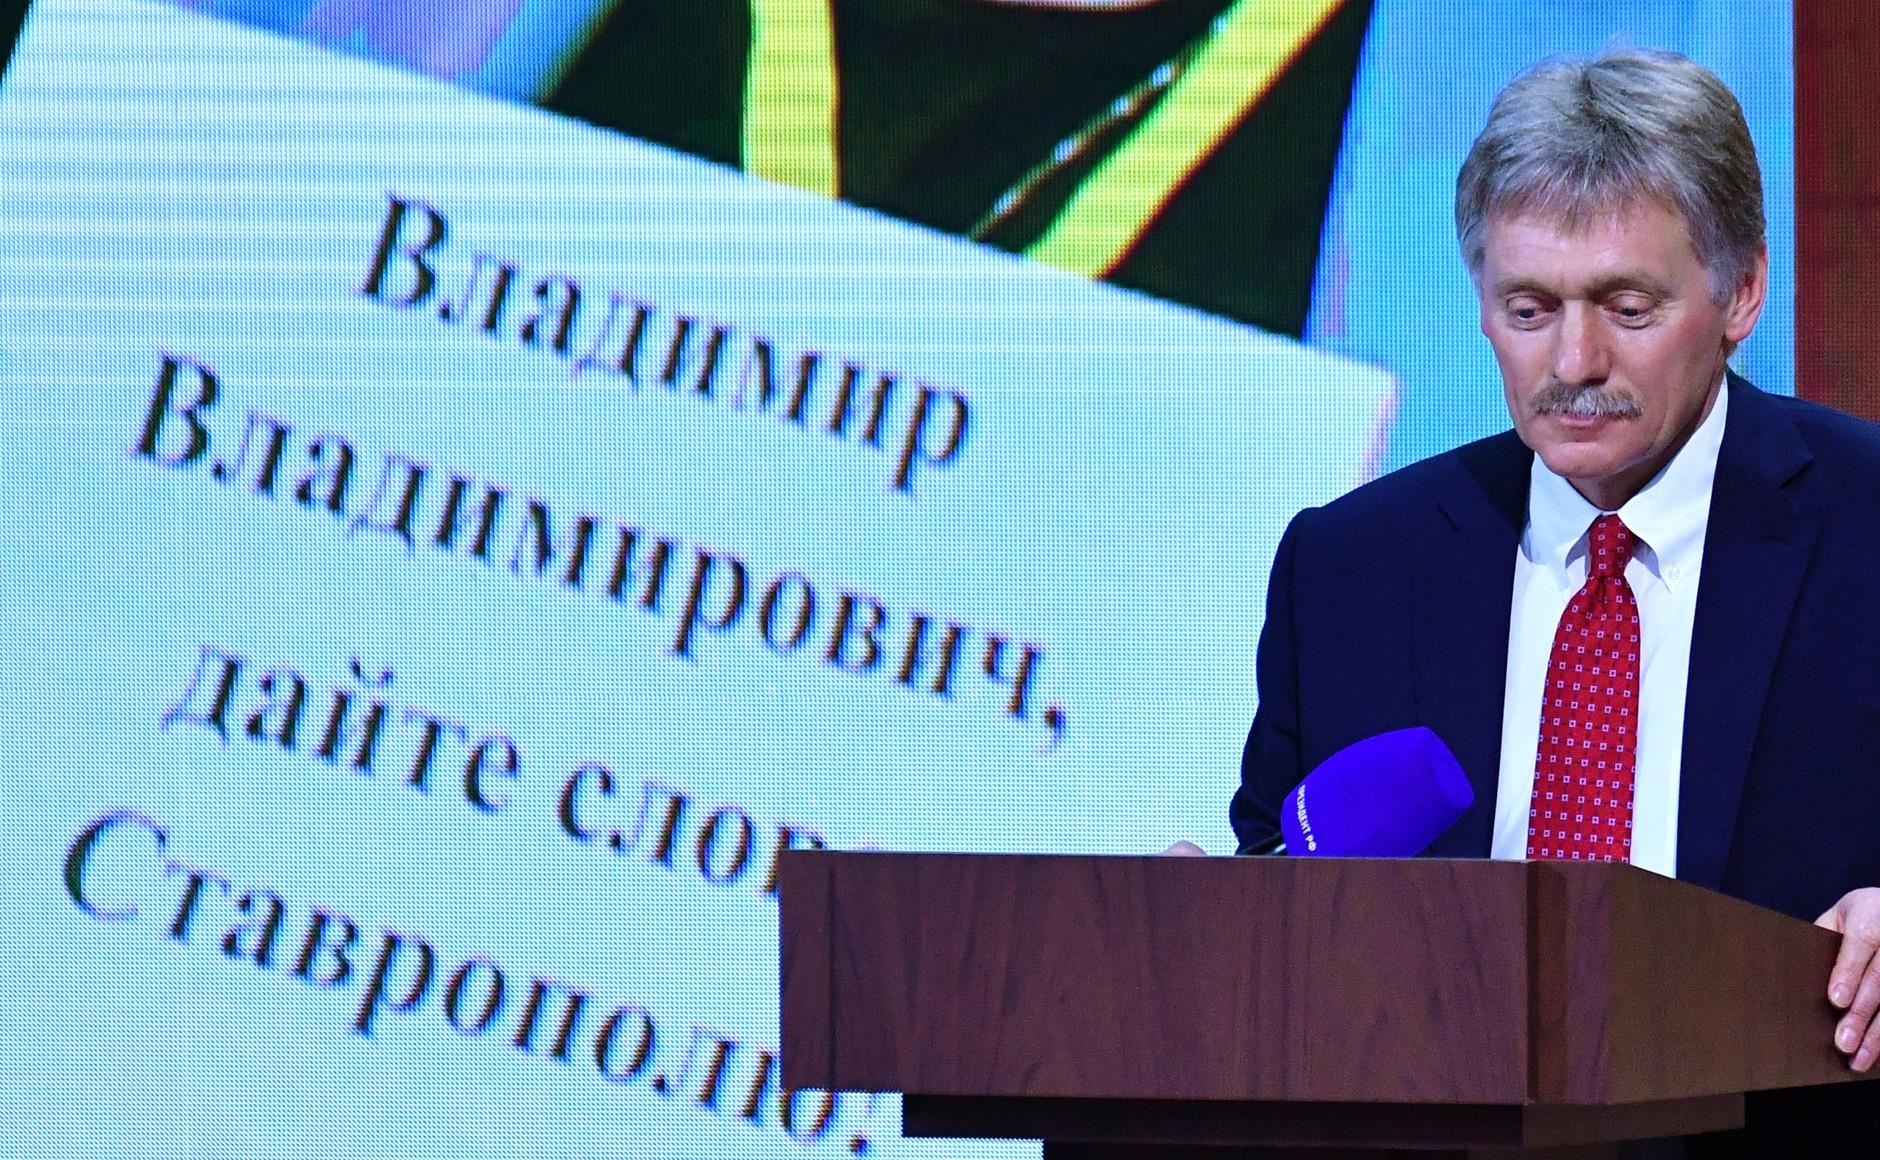 RUSSIE 17.12.2020.CONFERENCE 31 XX 66 Avant le début de la conférence de presse annuelle de Vladimir Poutine.